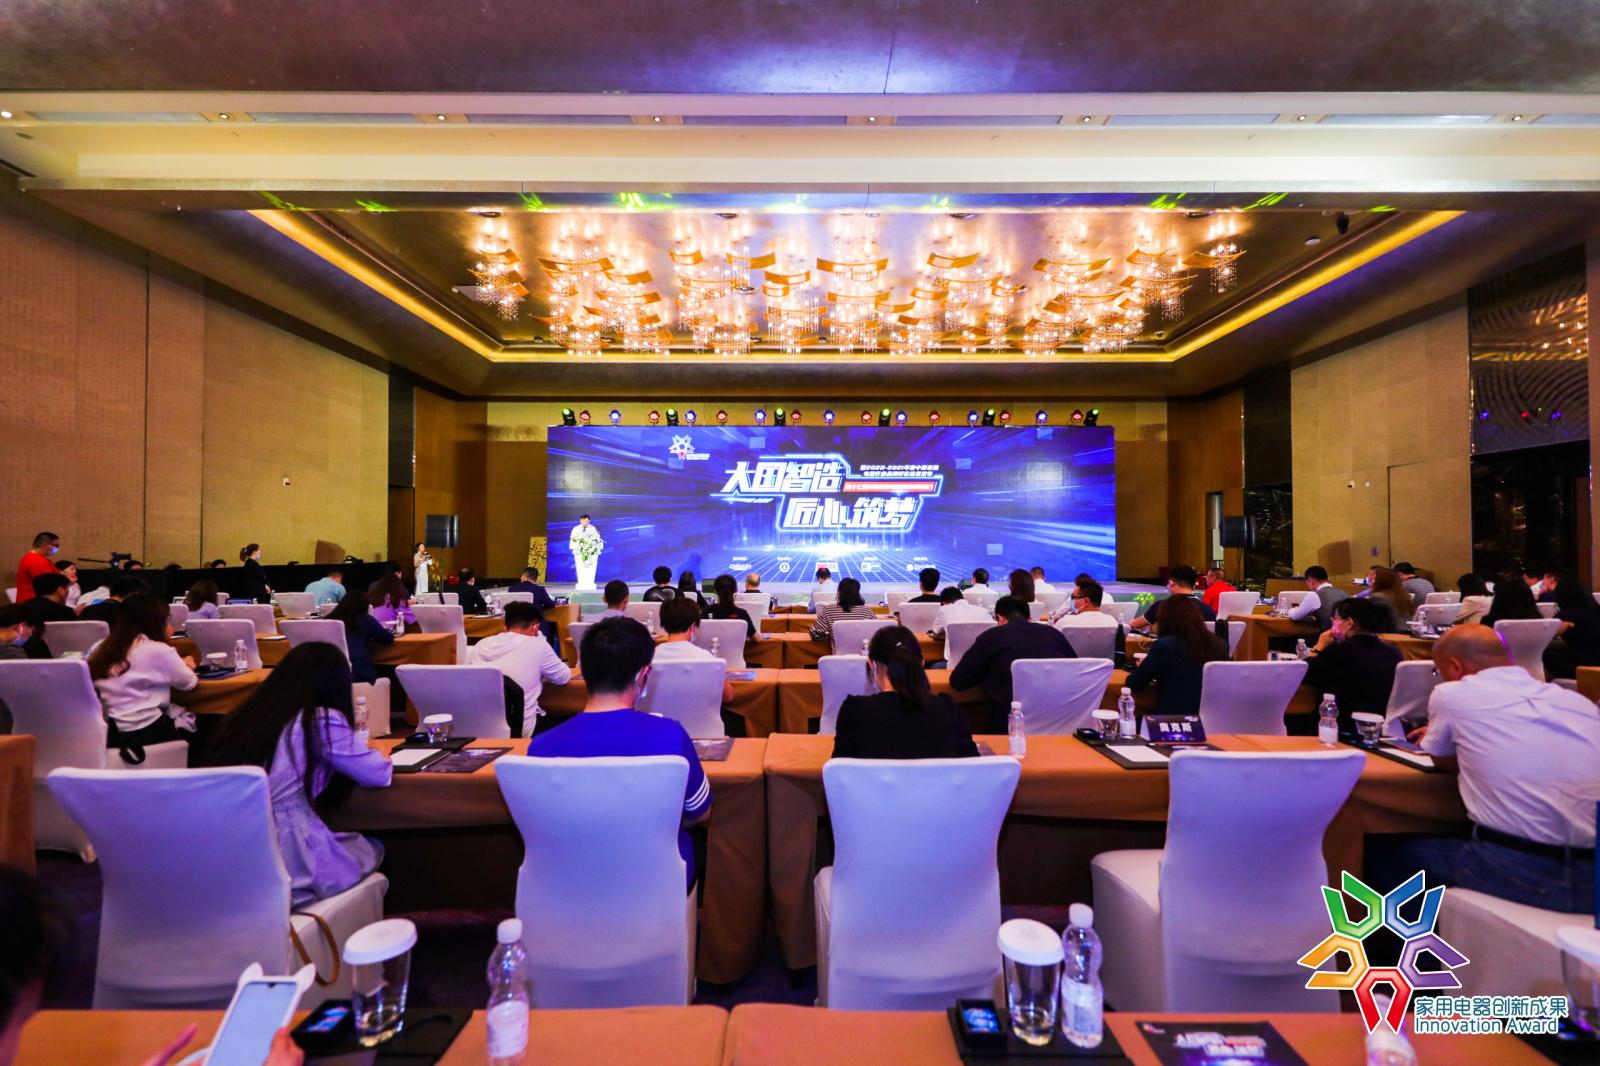 《2020-2021年度中国家用电器行业品牌评价结果》在北京发布